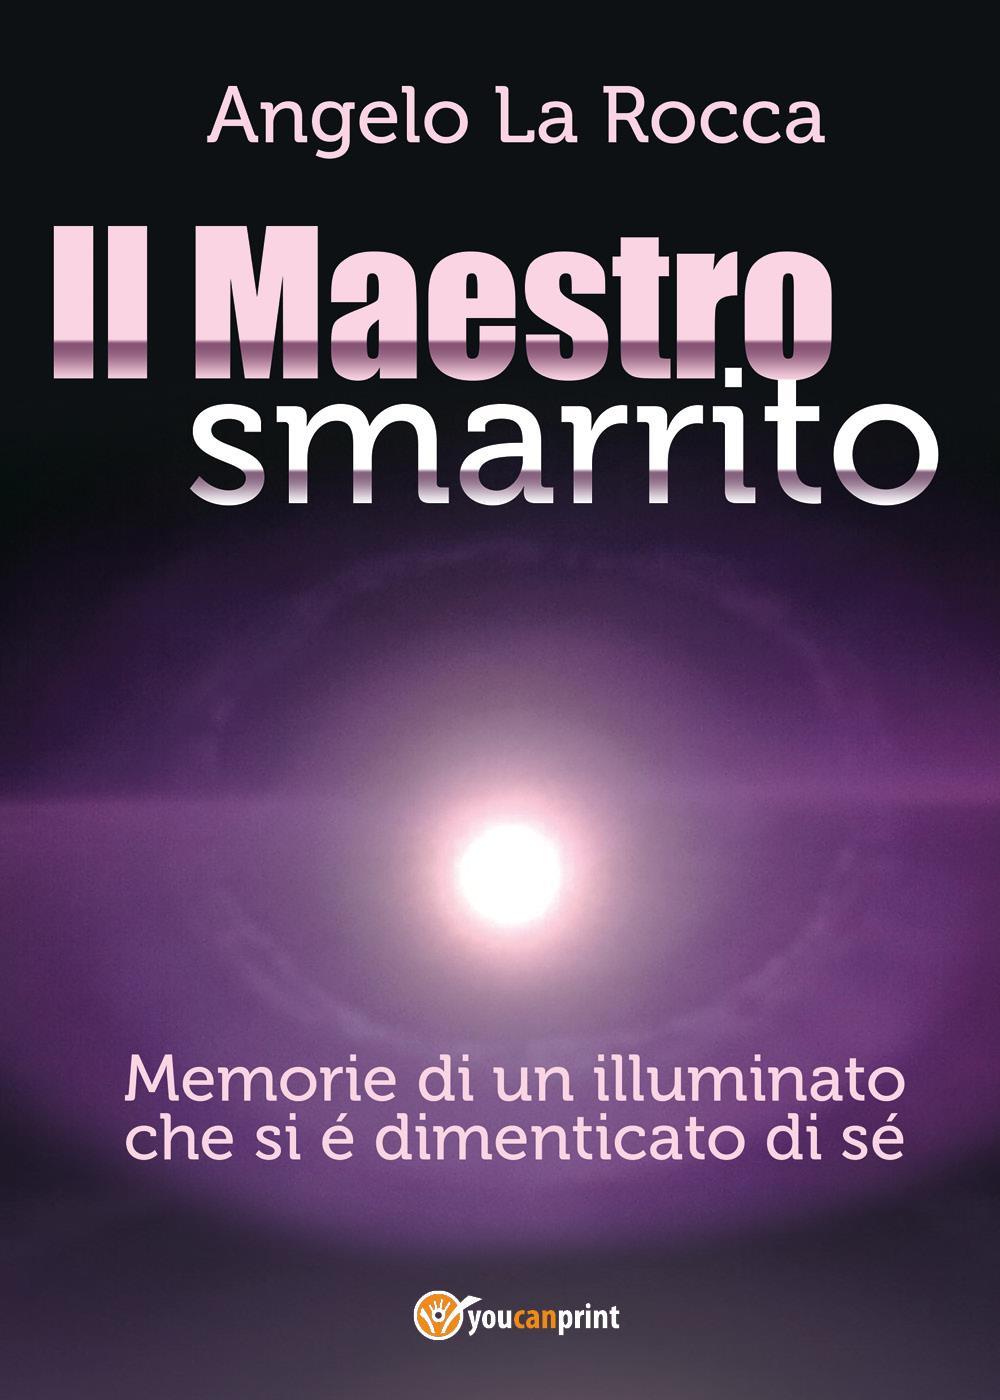 Il Maestro Smarrito – Memorie di un illuminato che si é dimenticato di sé